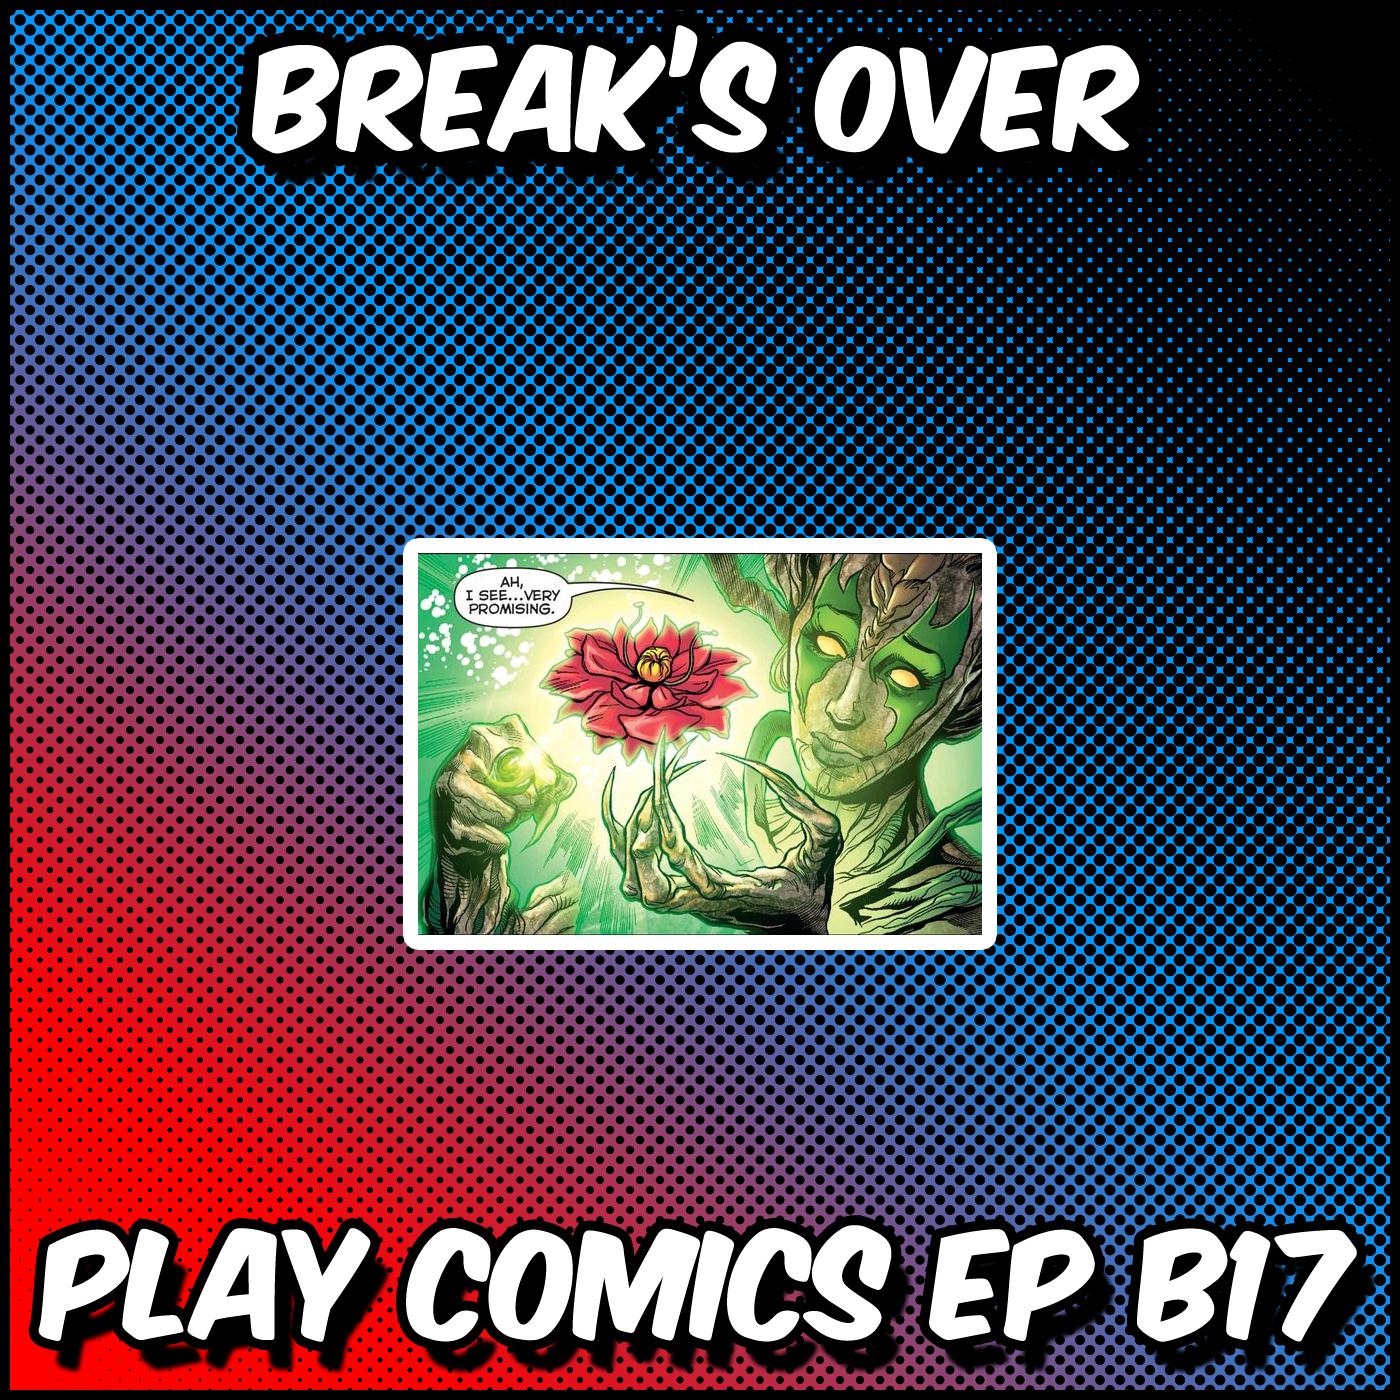 Break's Over